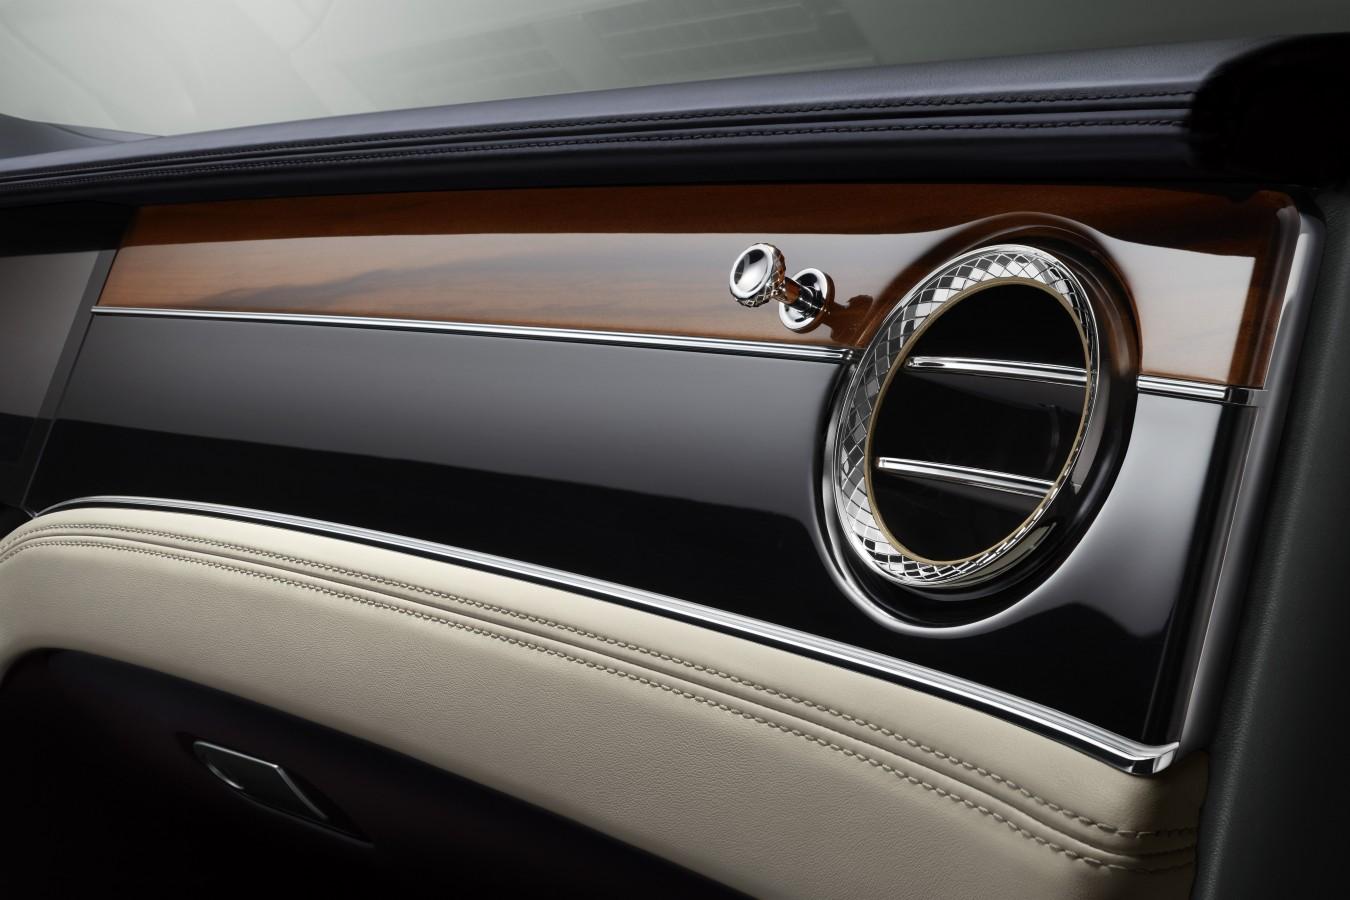 САМАЯ  ДОЛГОЖДАННАЯ ПРЕМЬЕРА - НОВЫЙ BENTLEY CONTINENTAL GT - изображение New-Continental-GT-30 на Bentleymoscow.ru!